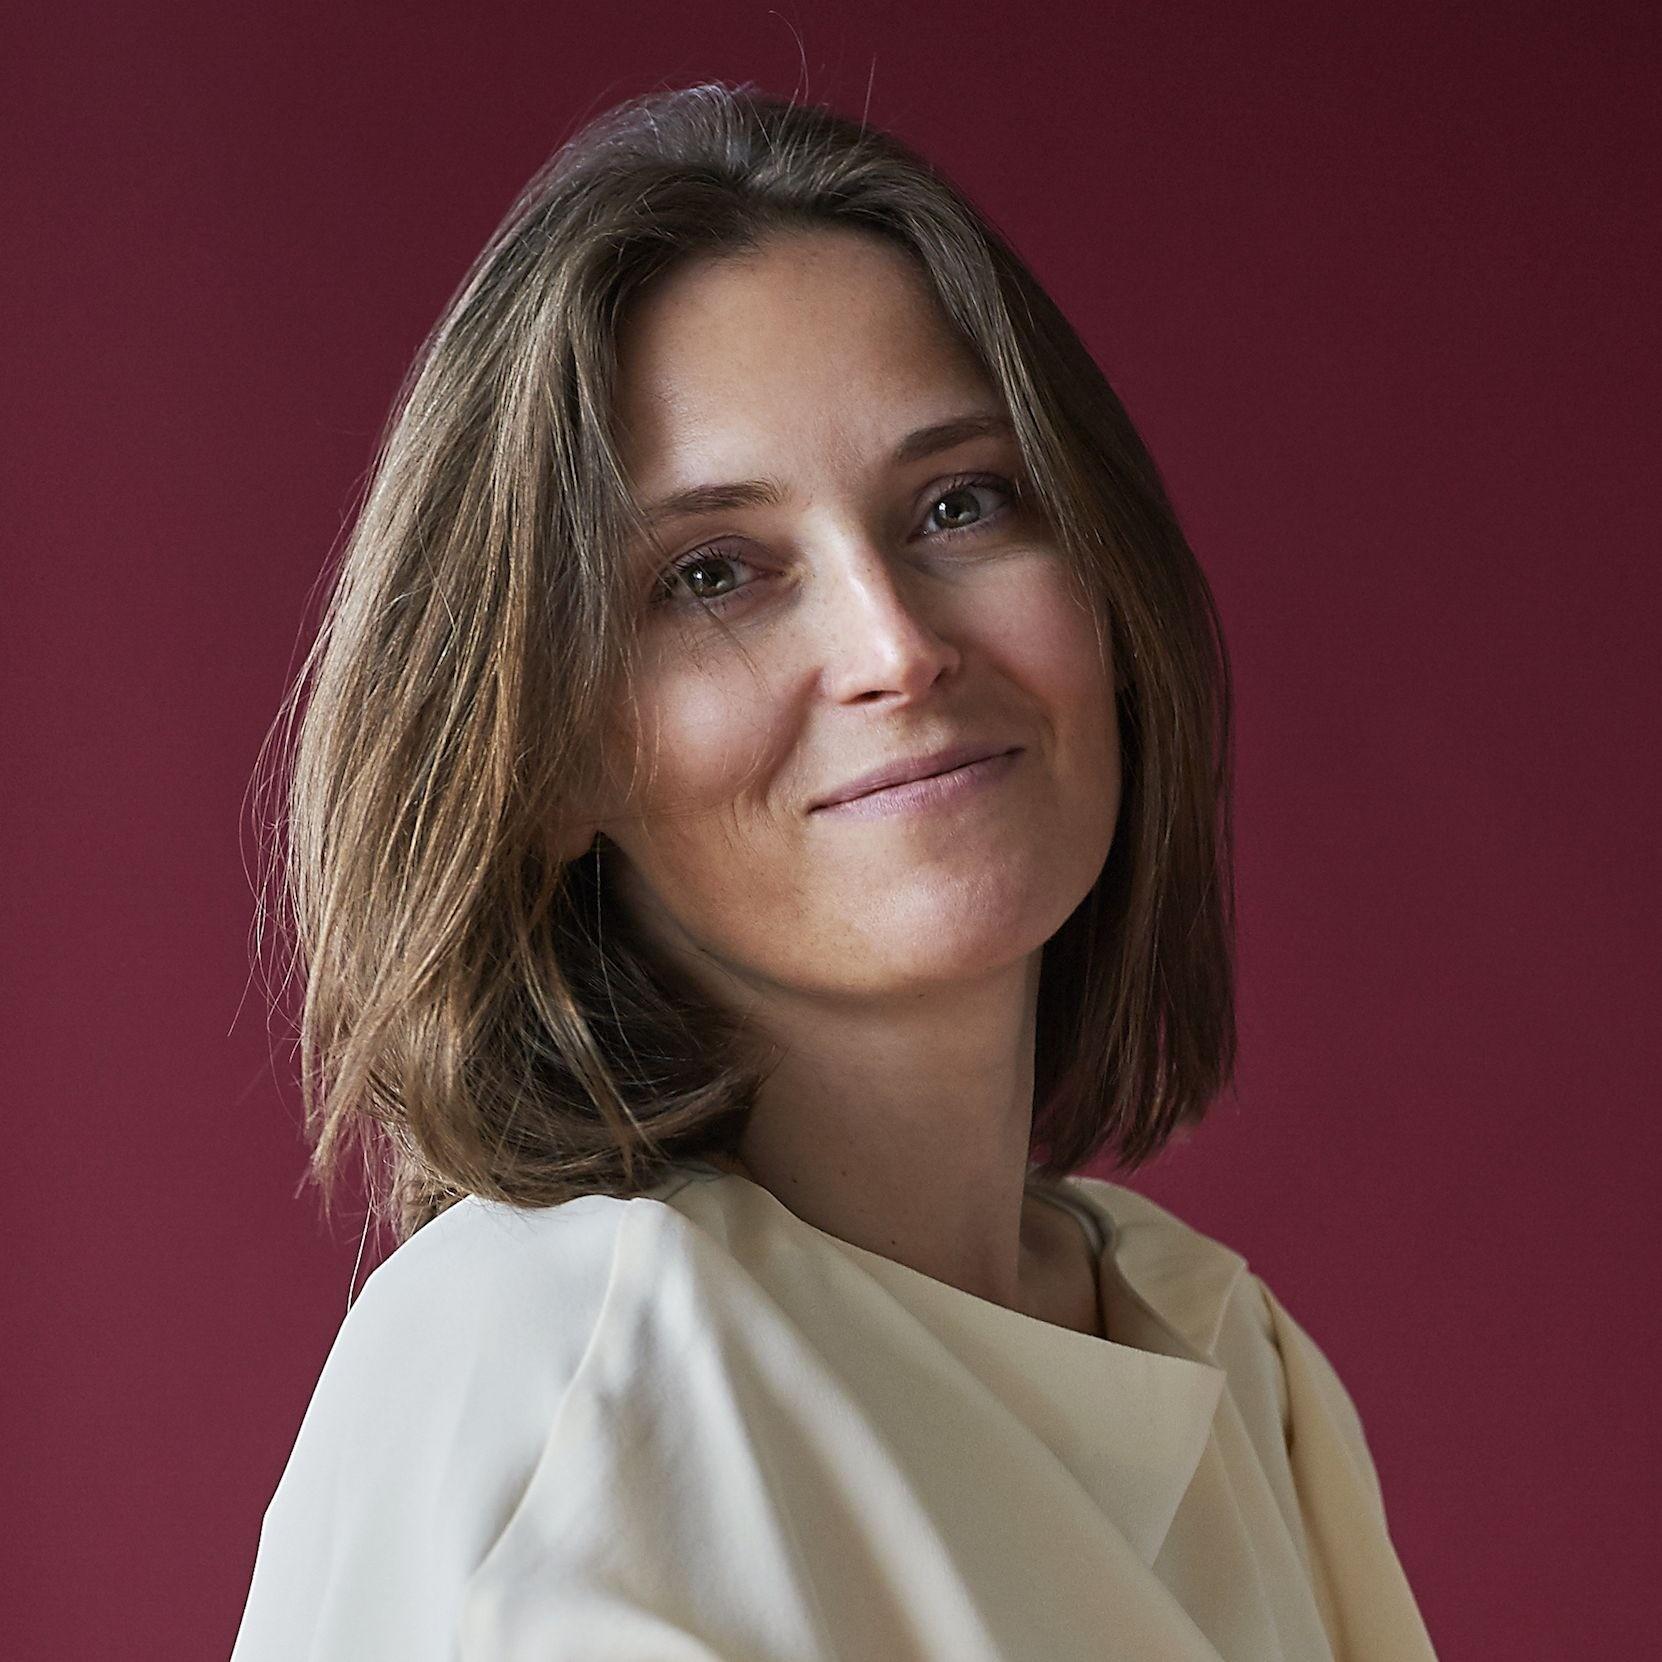 Наталья Ремиш